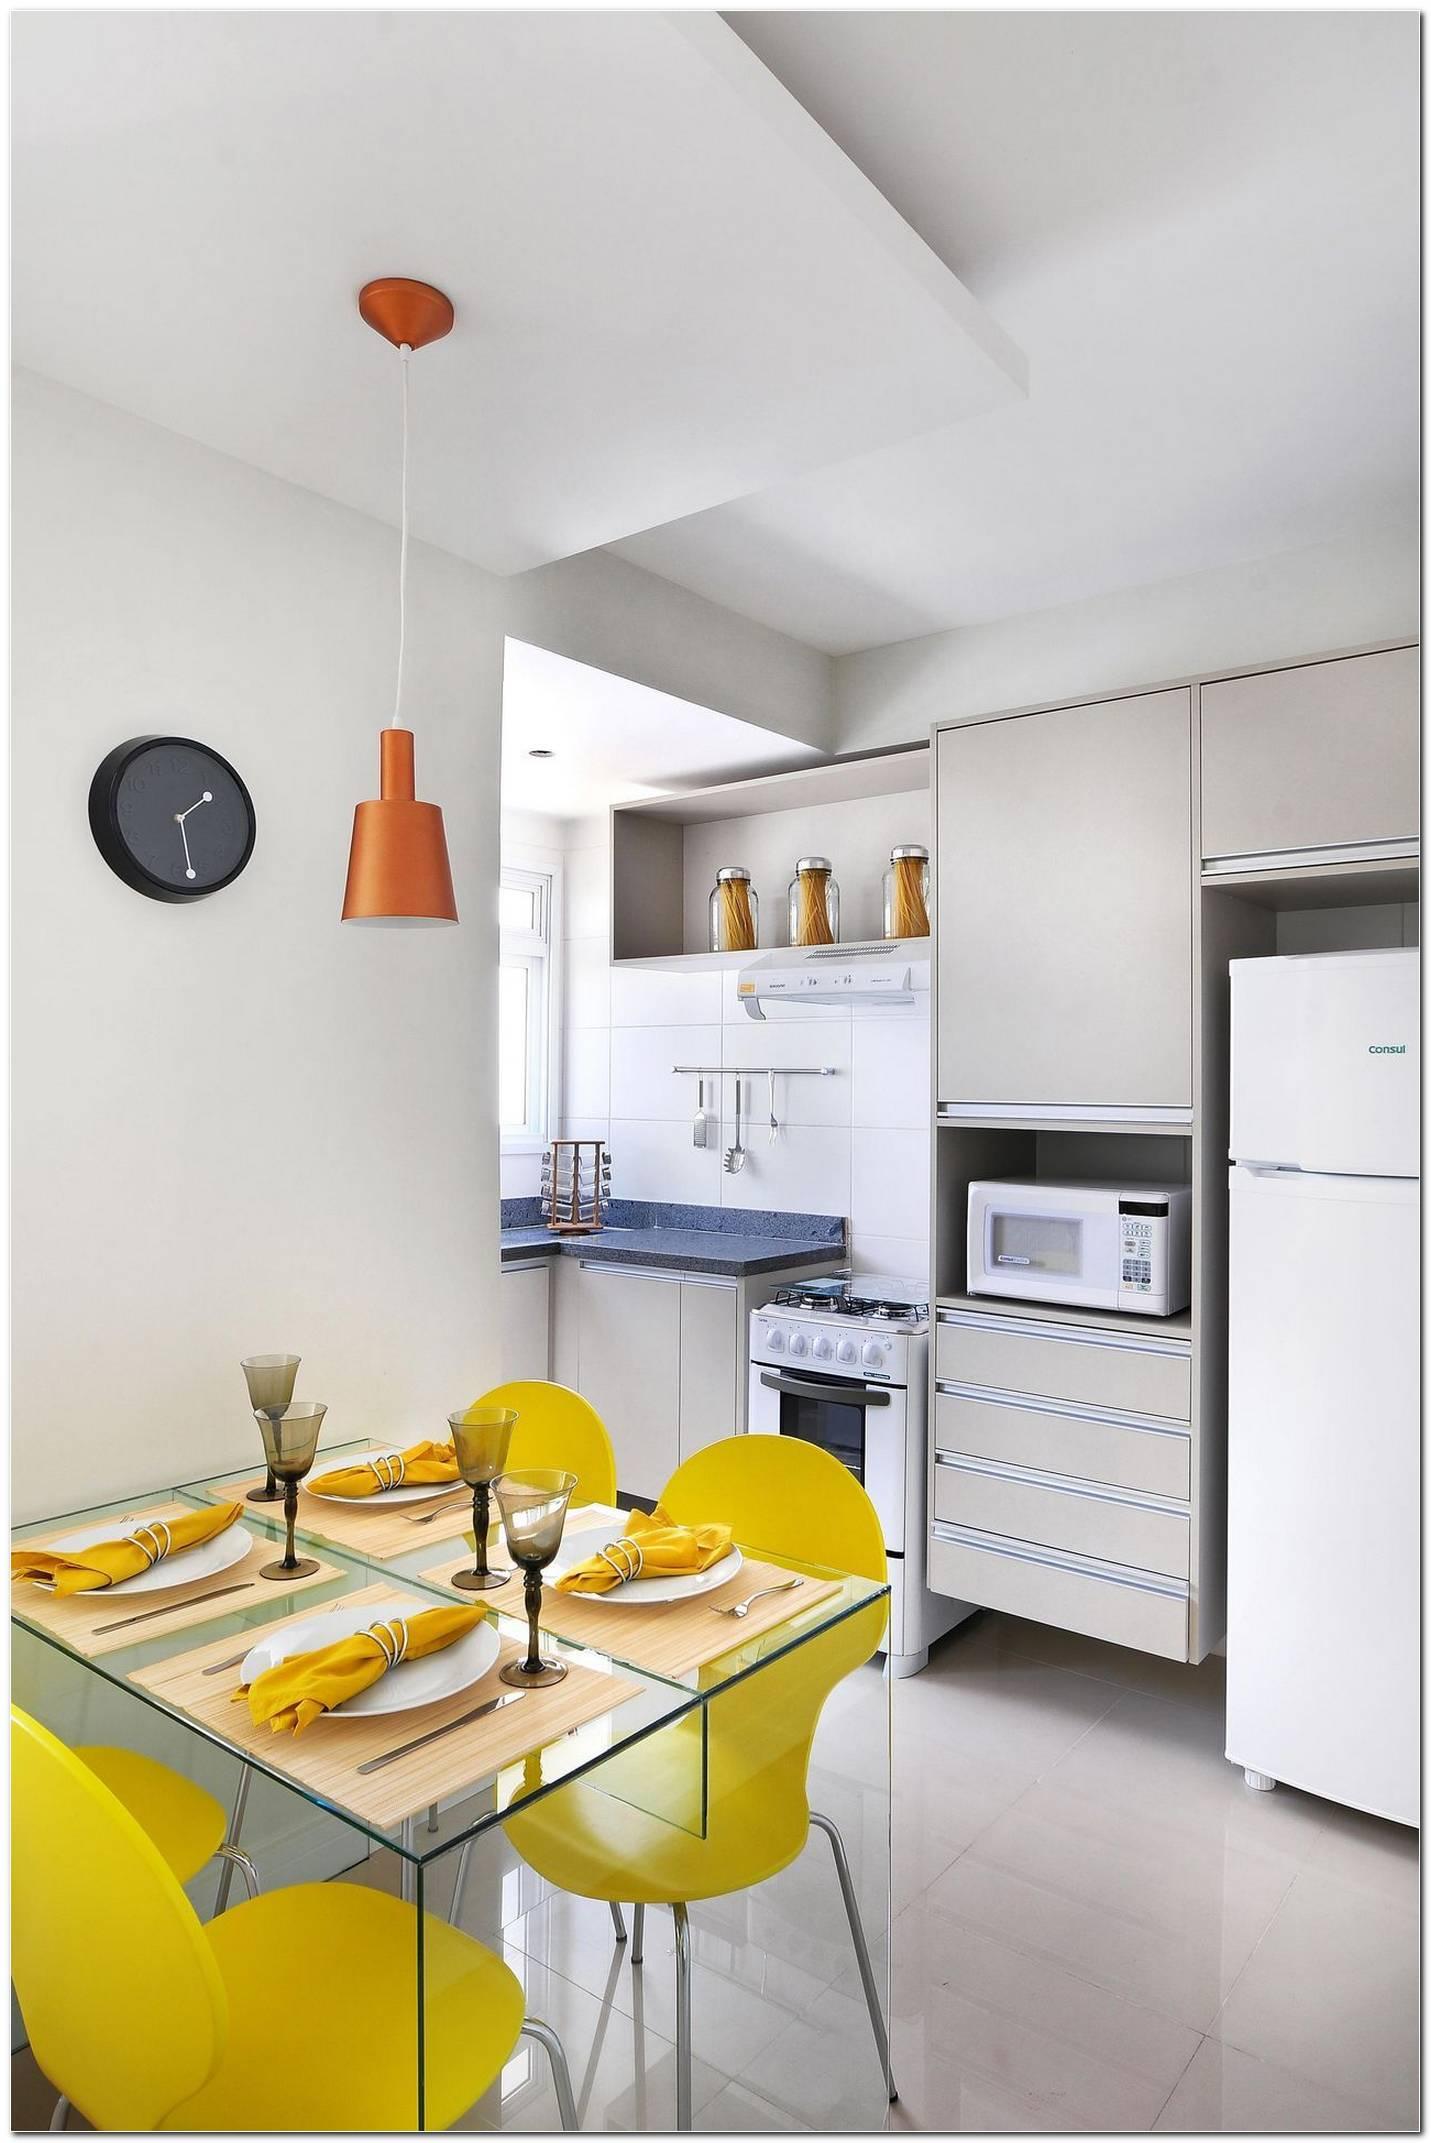 Cozinha Planejada Apartamento Pequeno Veja Dicas Para Decorar E Fotos